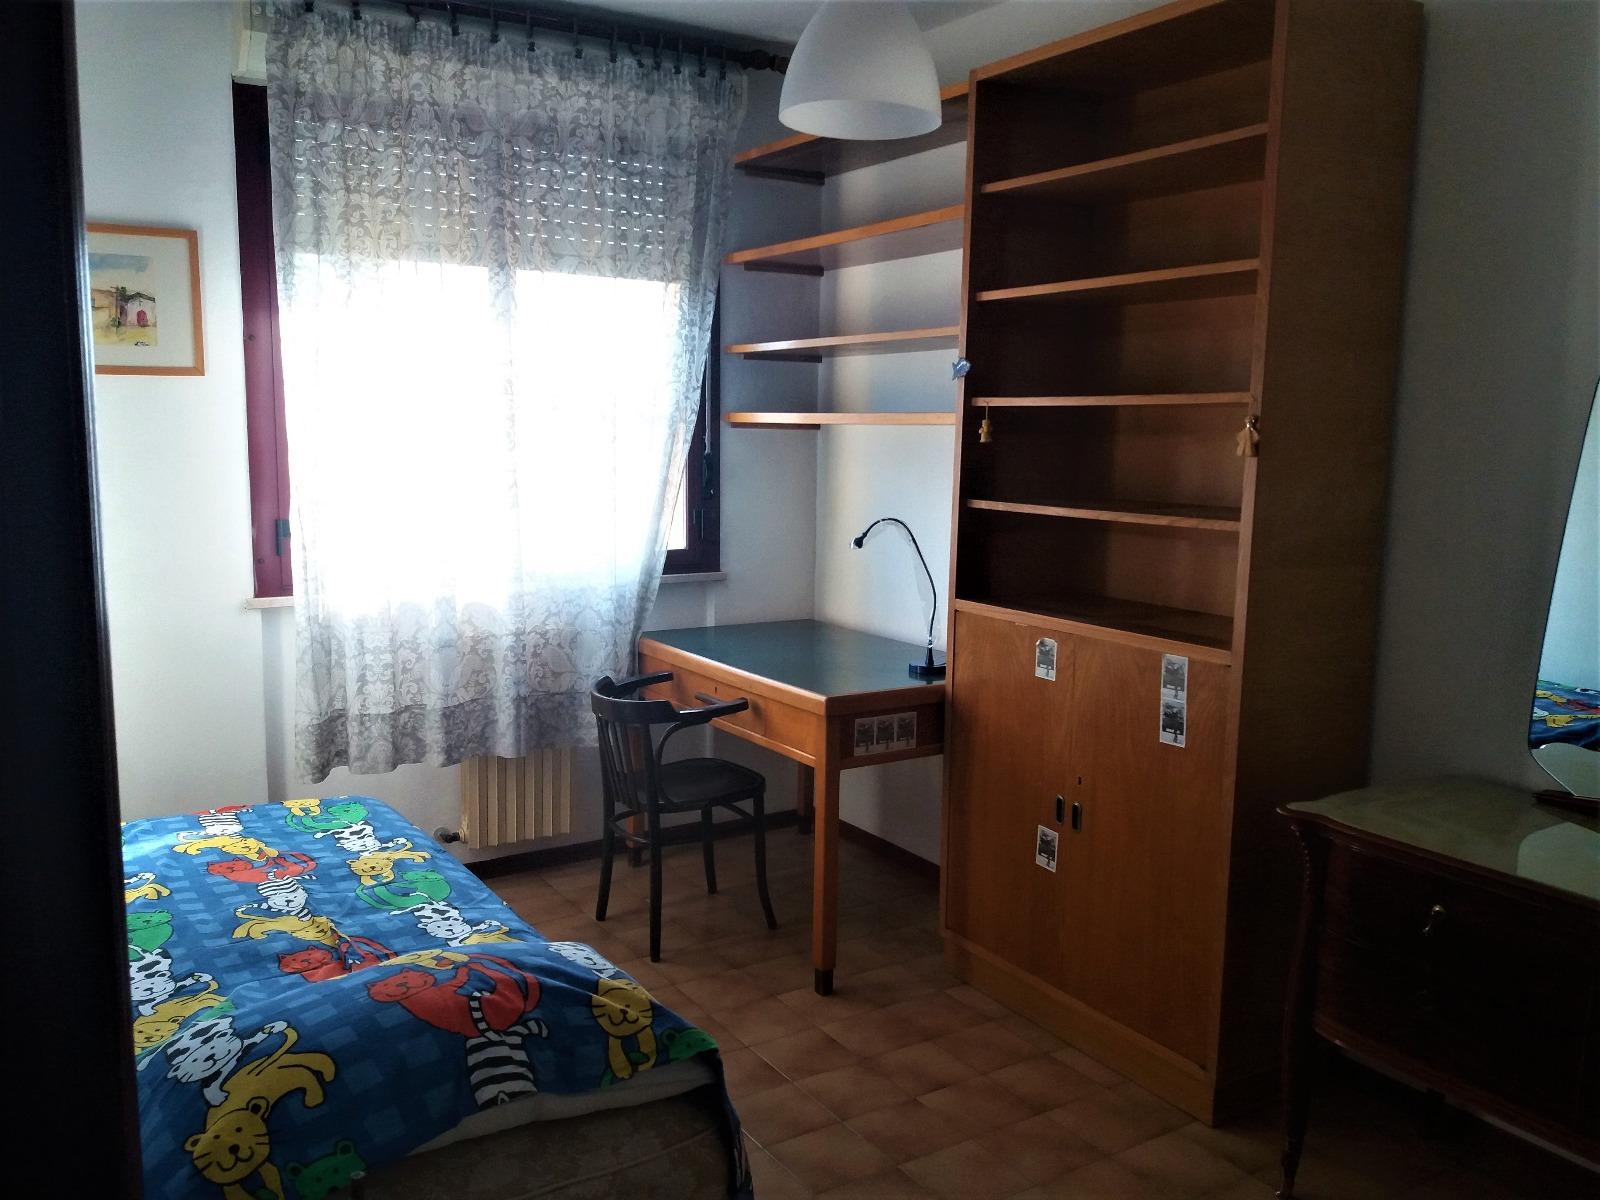 A-1086 Forlì: Appartamento con Stanze per STUDENTI